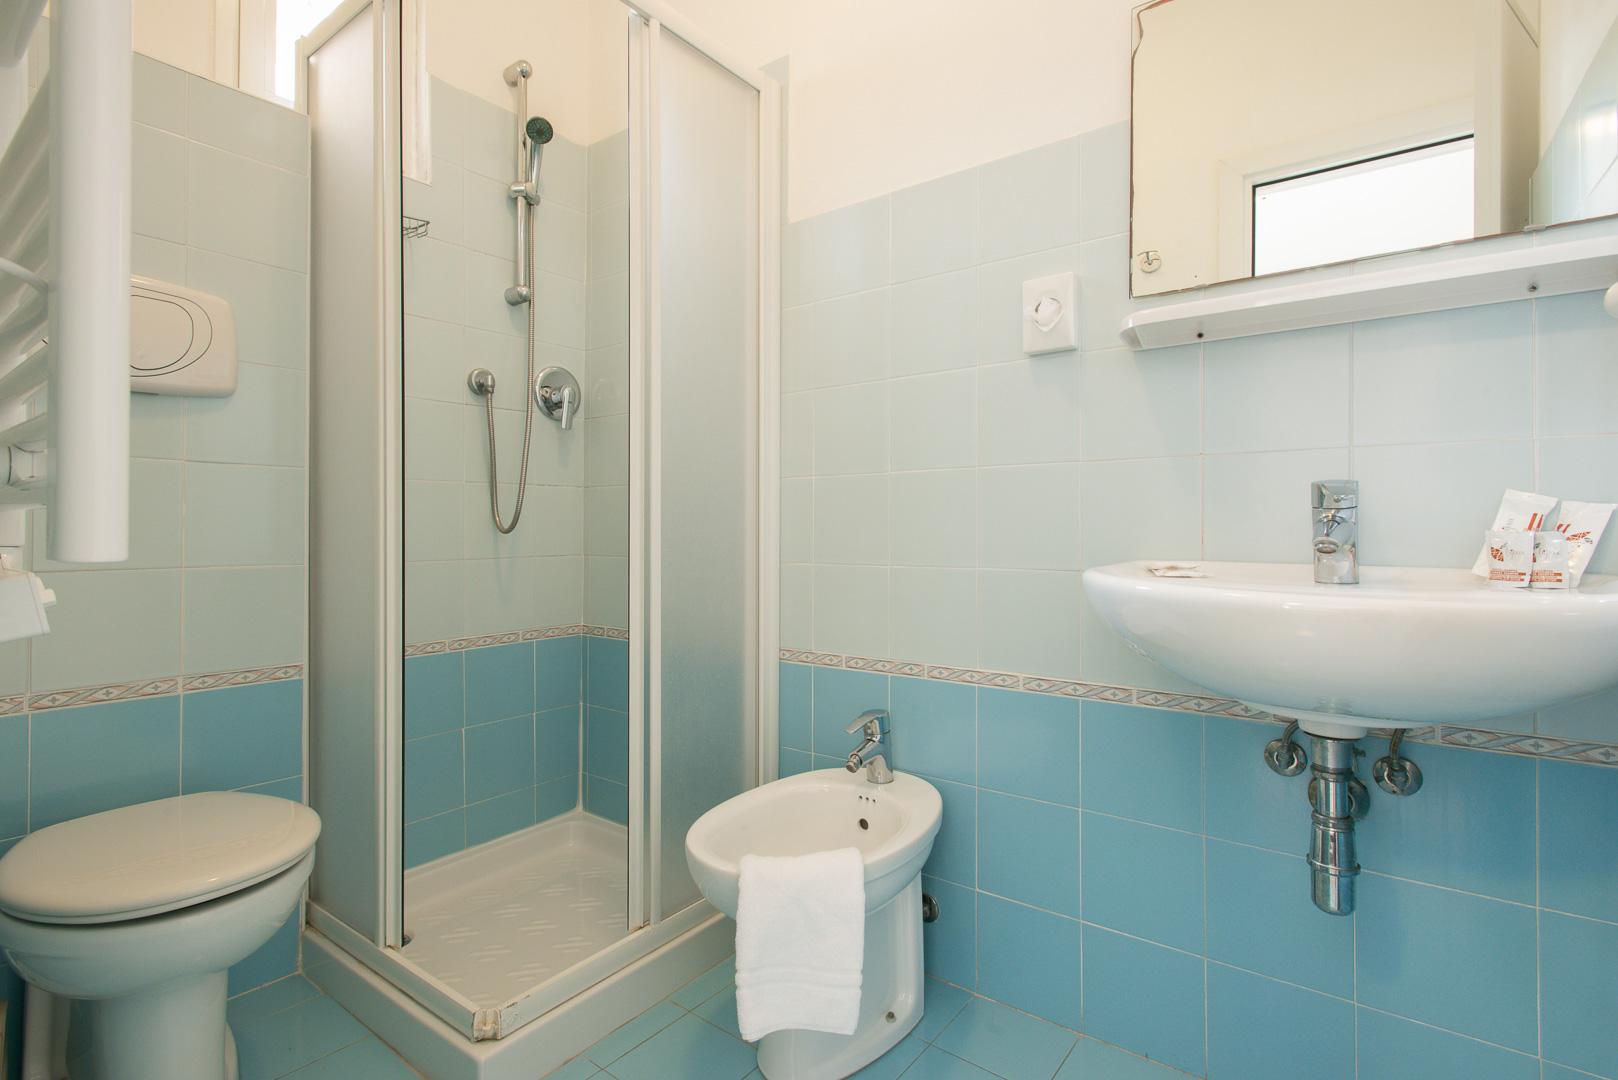 Camera doppia con letto a castello economy - Hotel 2 ...